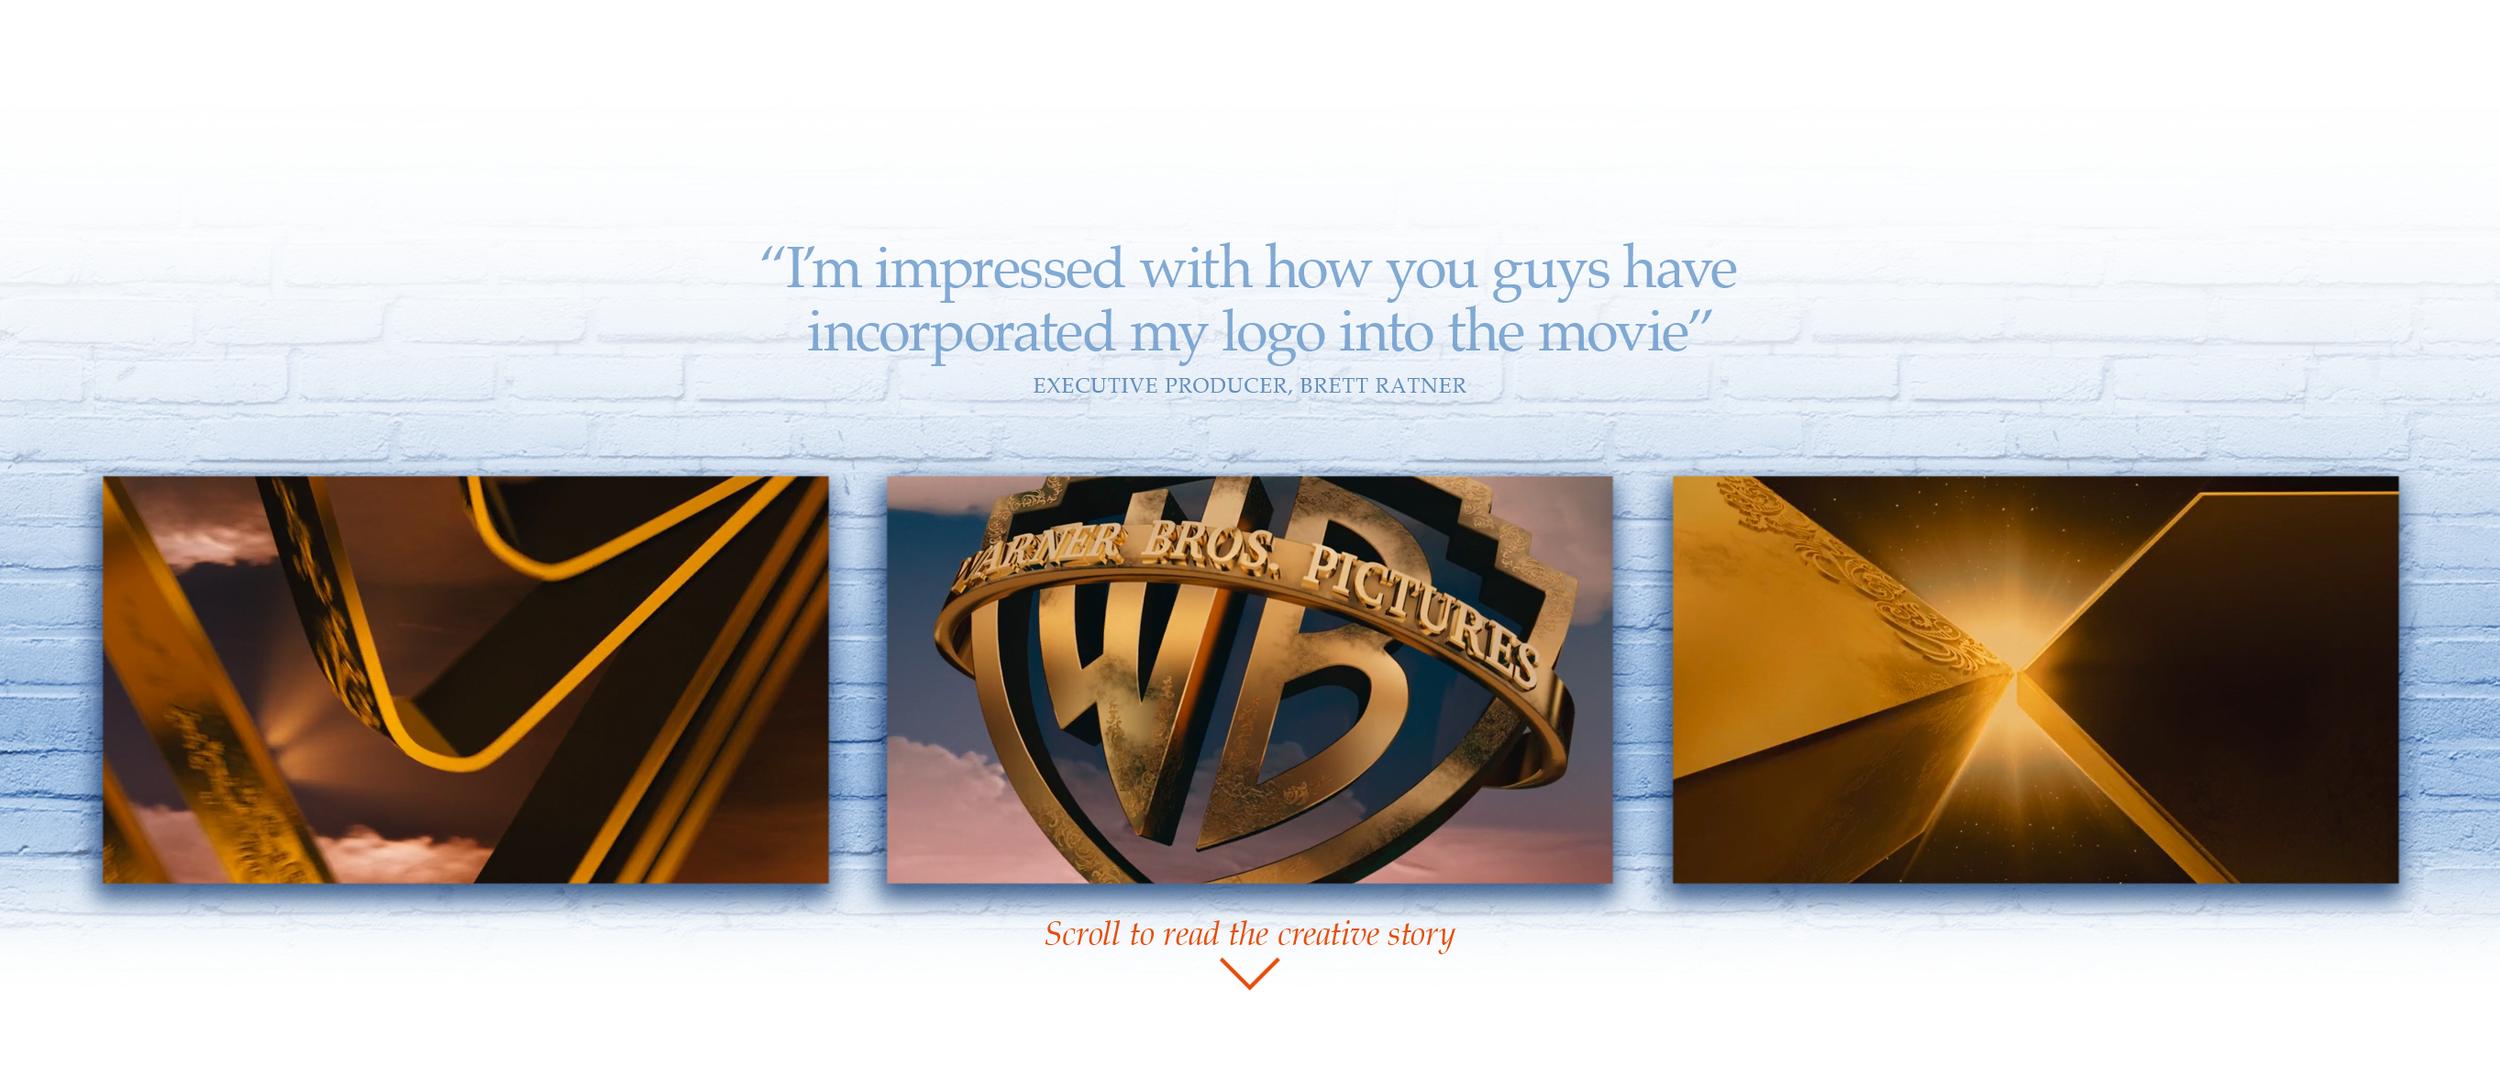 WB_VR_RP_Logos_Rotation_Header.png